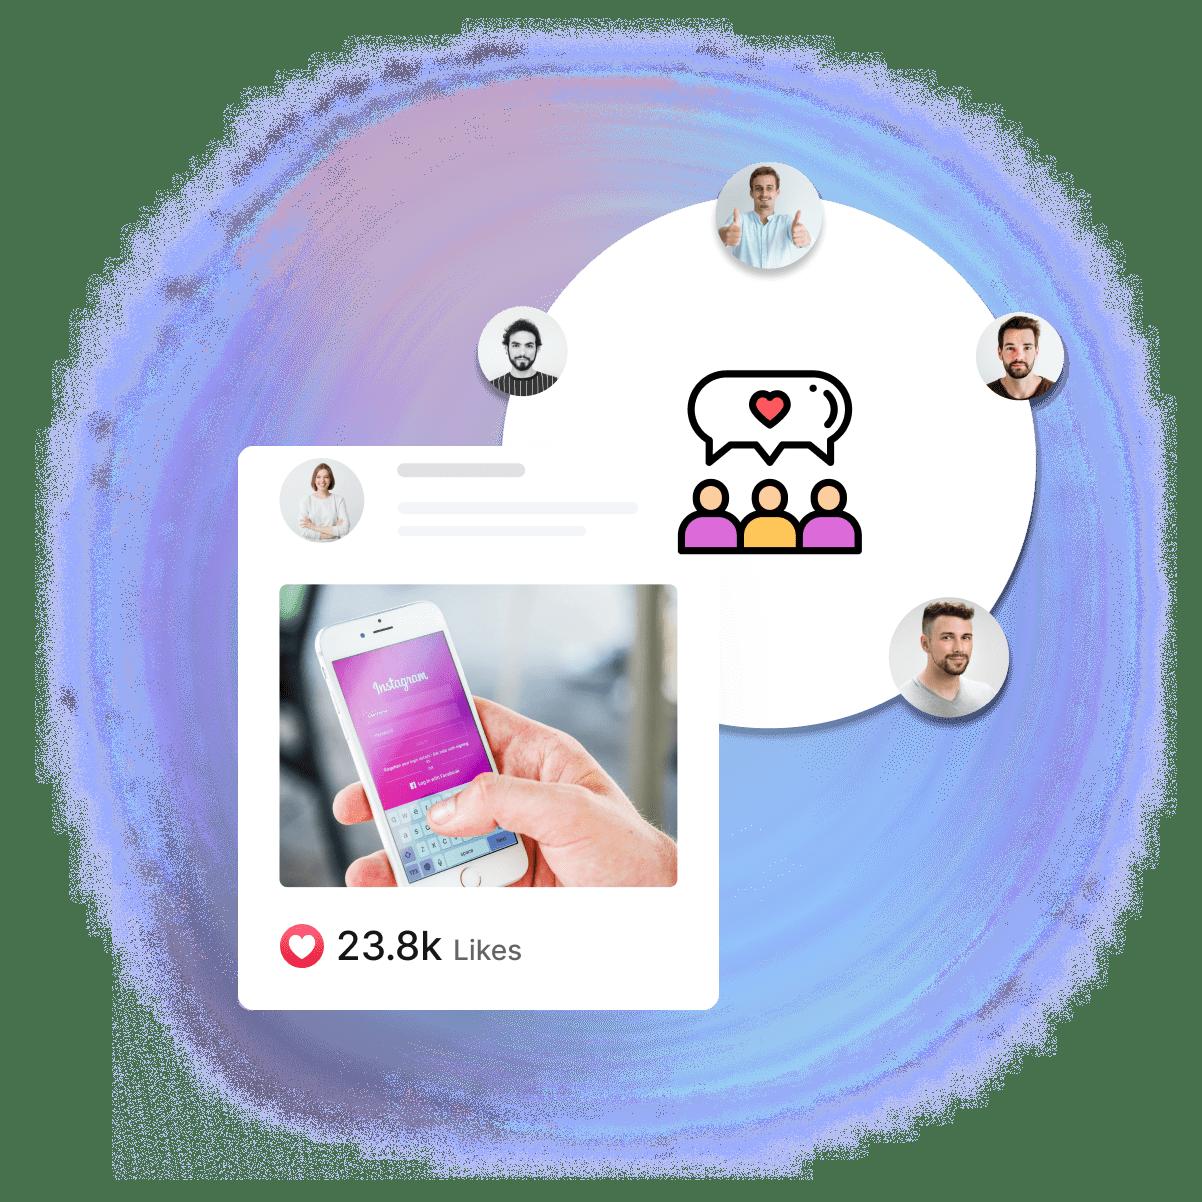 Engagements et partages